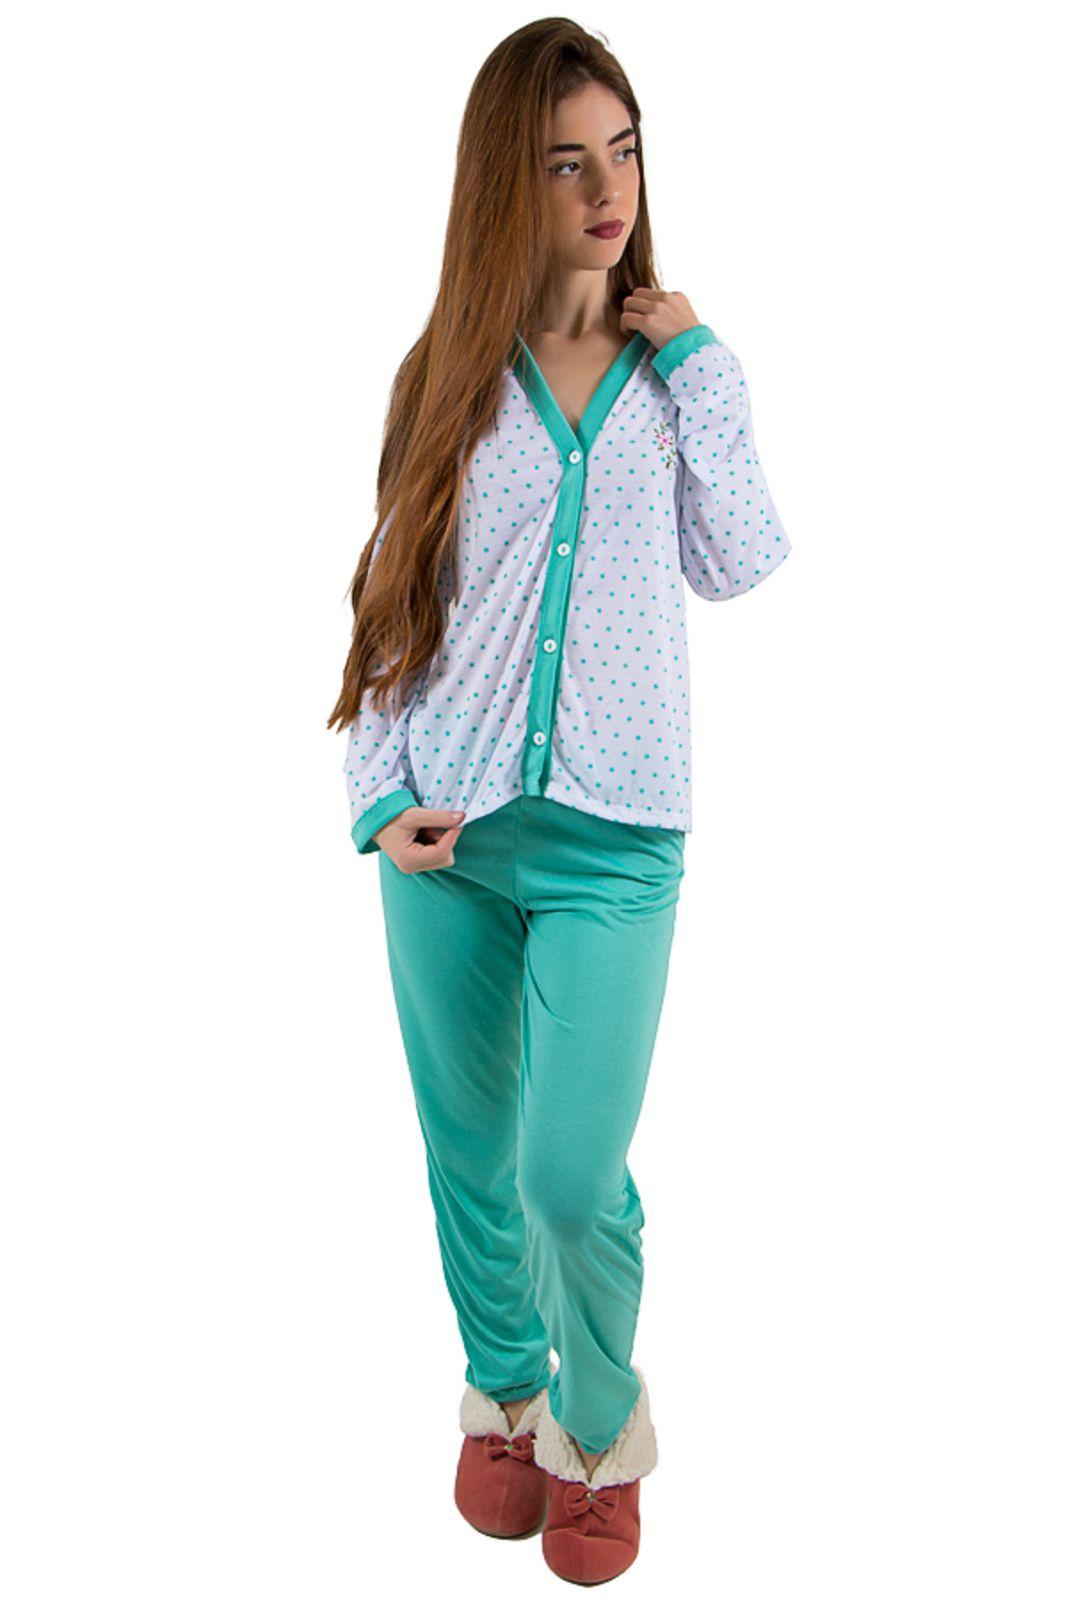 566257a8ac8e6a Pijama Linha Noite Longo Verde Piscina com Estrela | Products ...